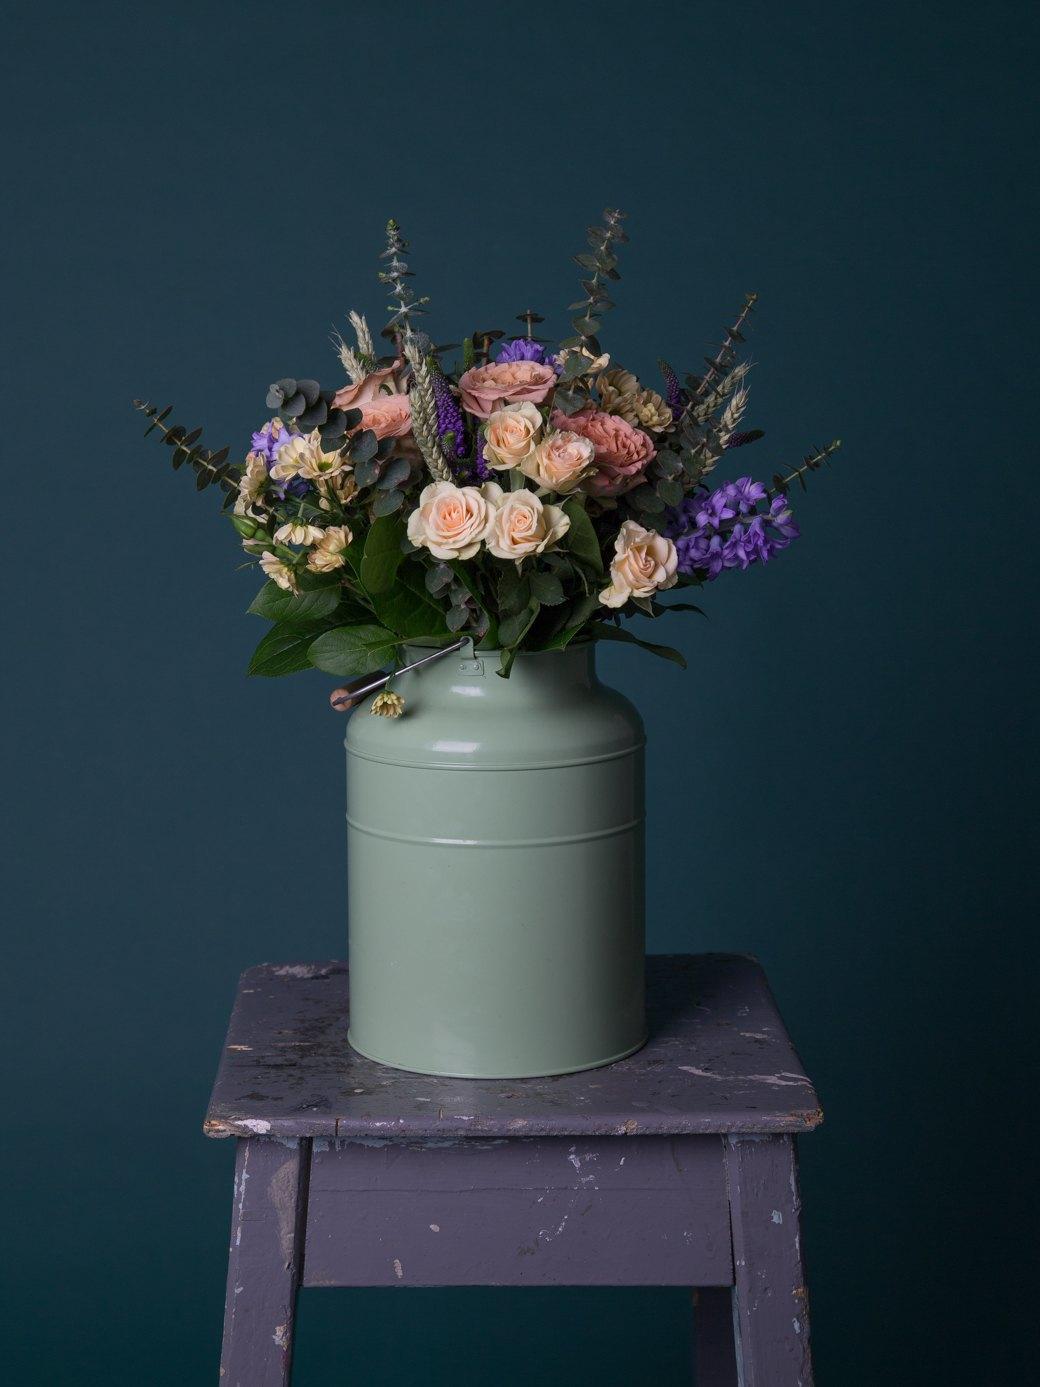 Сколько стоит букет цветов?. Изображение № 52.